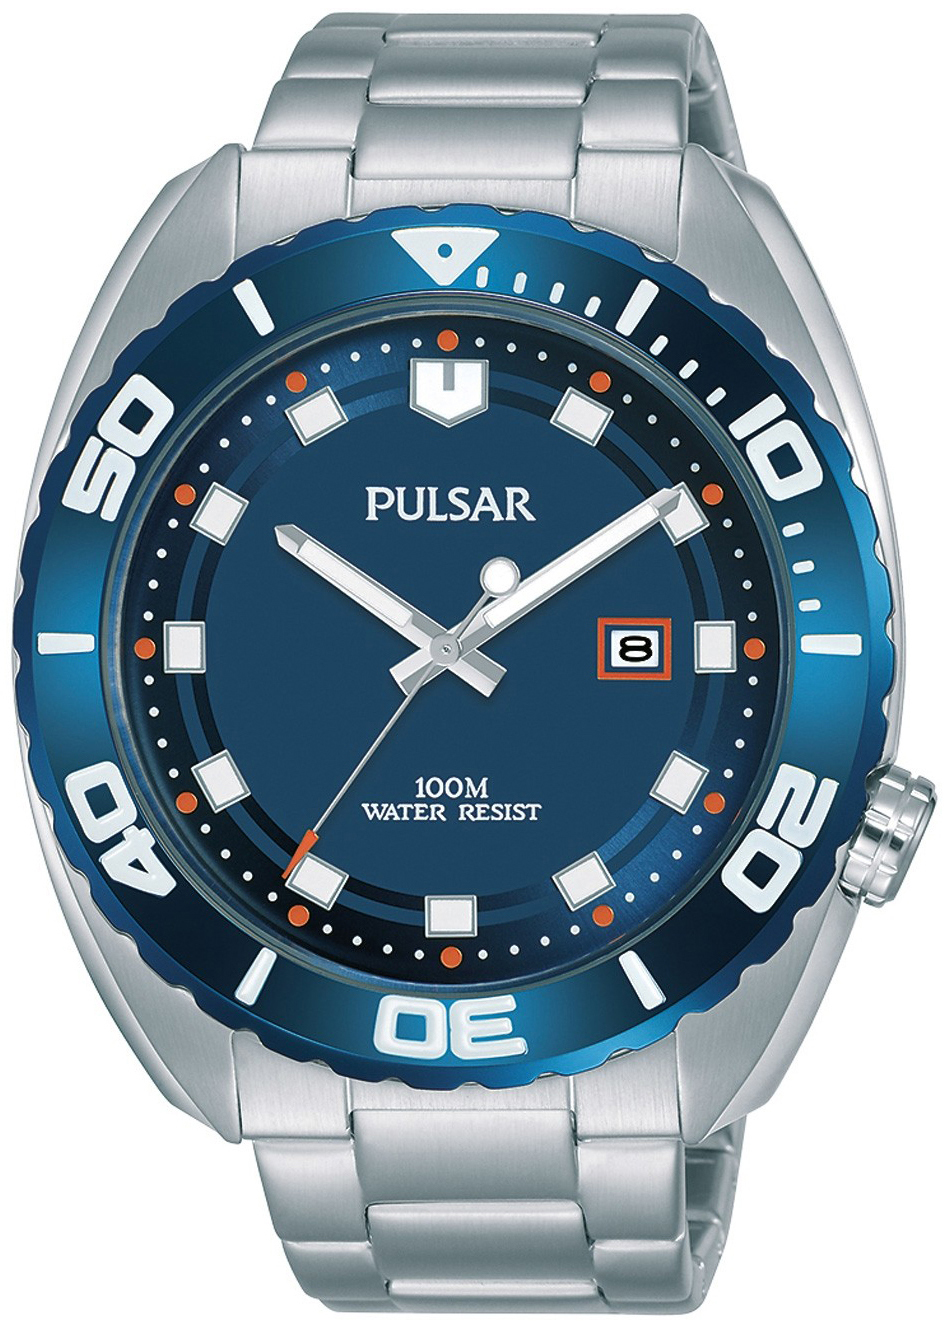 Pulsar Sport Herreklokke PG8281X1 Blå/Stål Ø45 mm - Pulsar